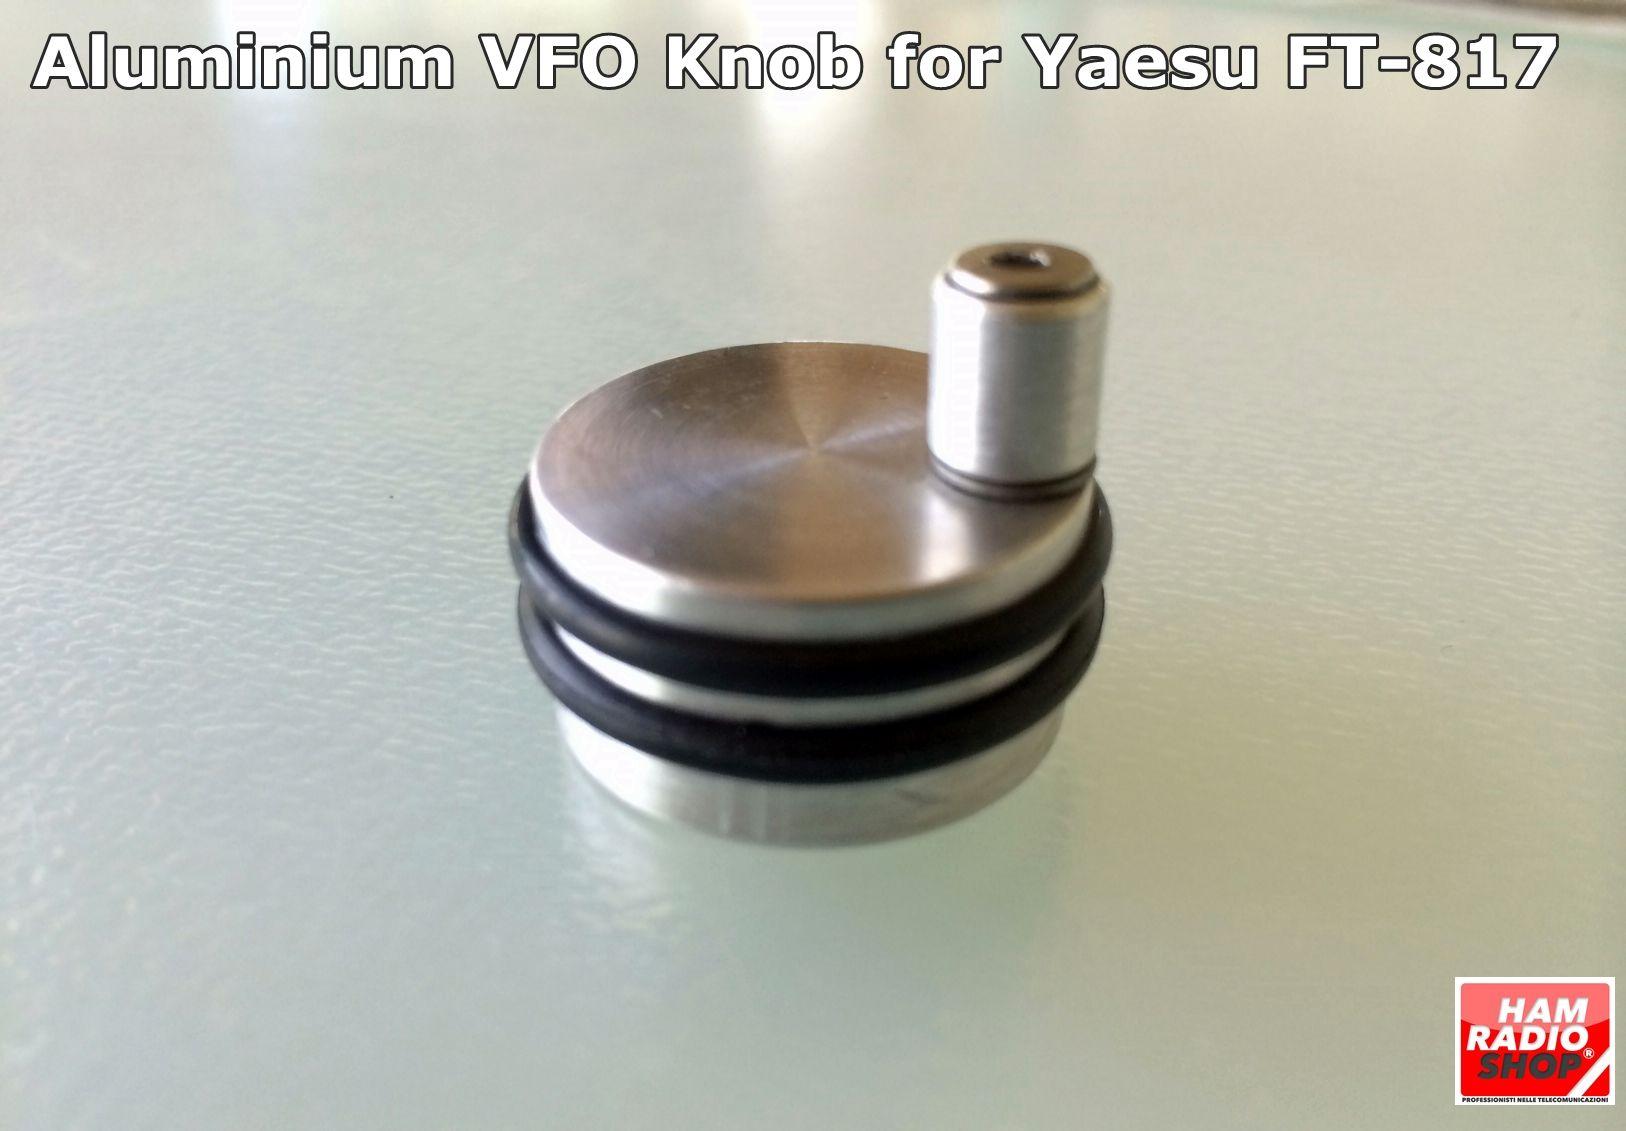 Accessori vari -  - HRS-817 Manopola VFO in alluminio per Yaesu FT-817